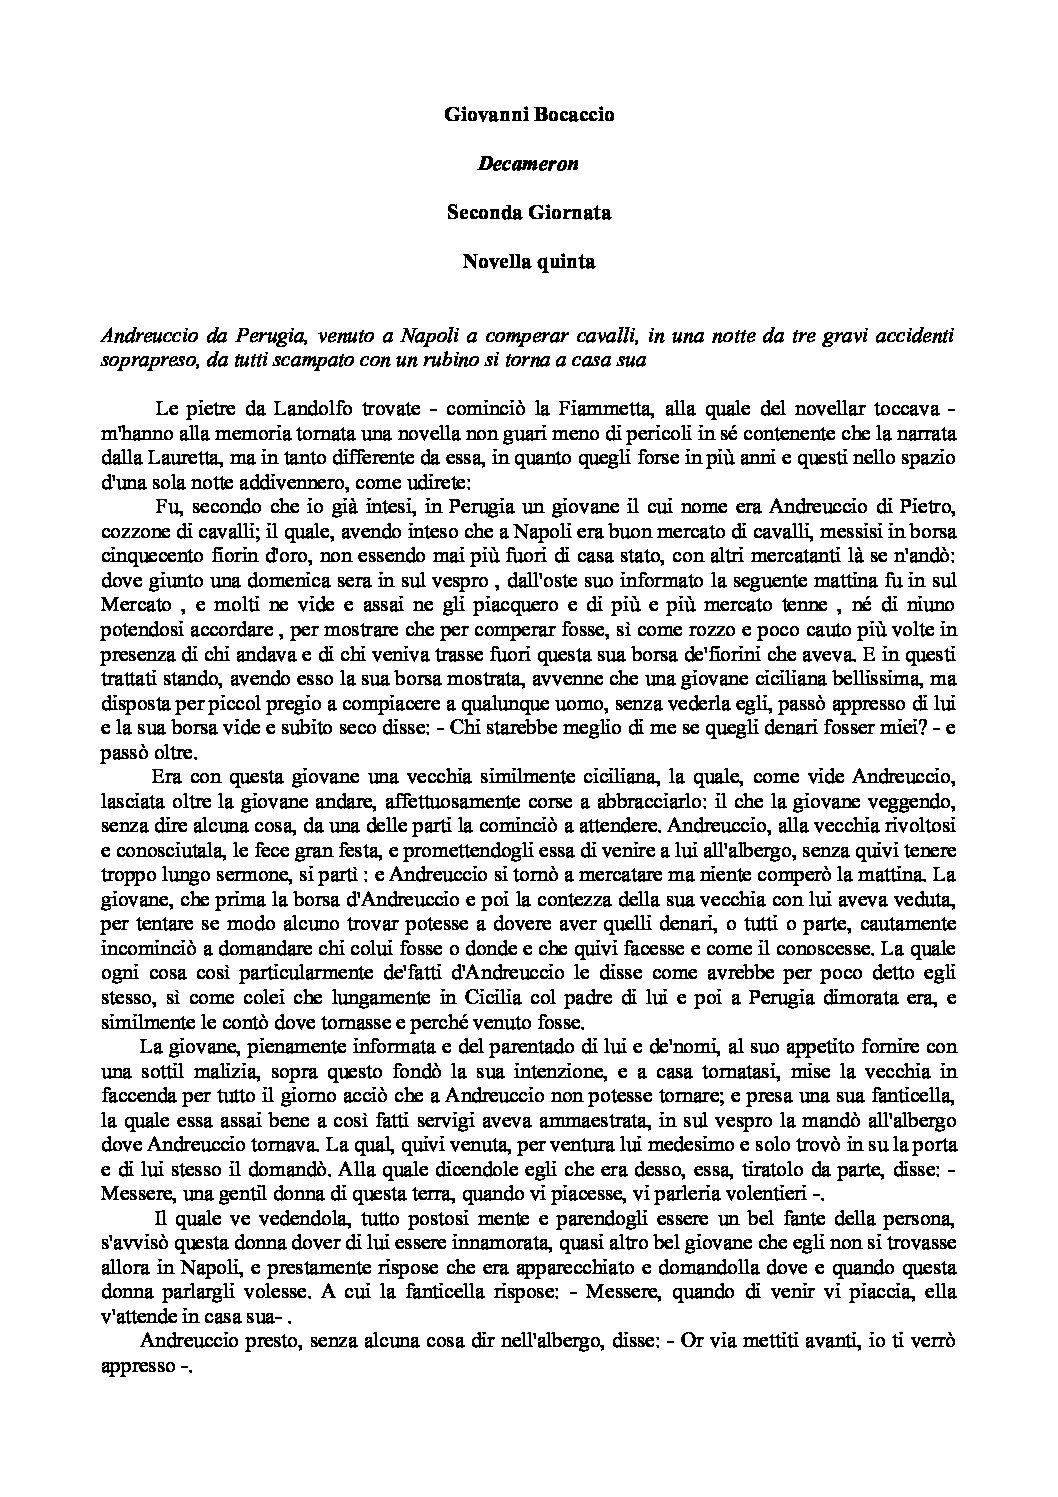 ANDREUCCIO DA PERUGIA